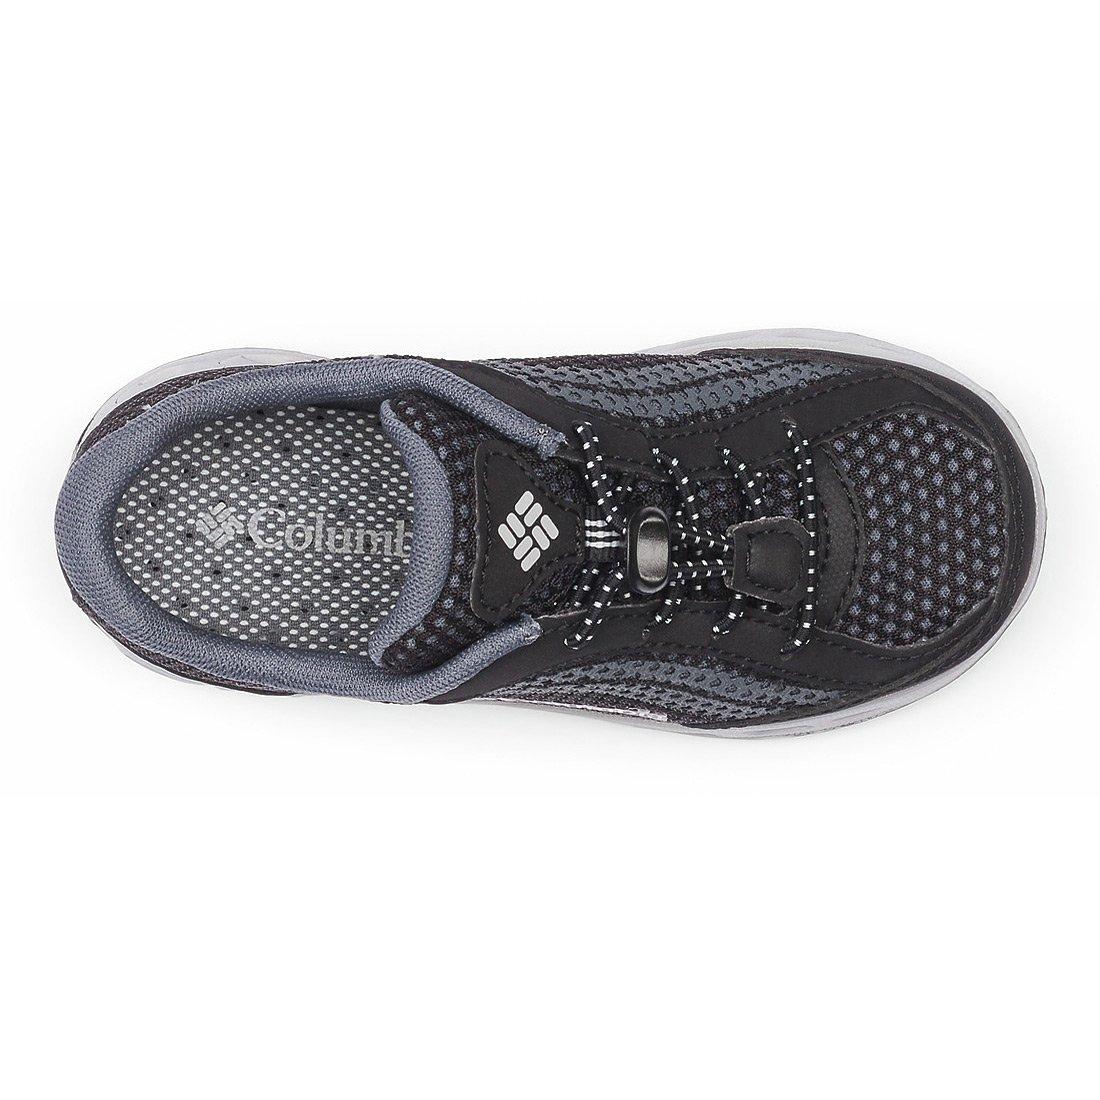 נעליים לילדים - Childrens Drainmaker IV - Columbia